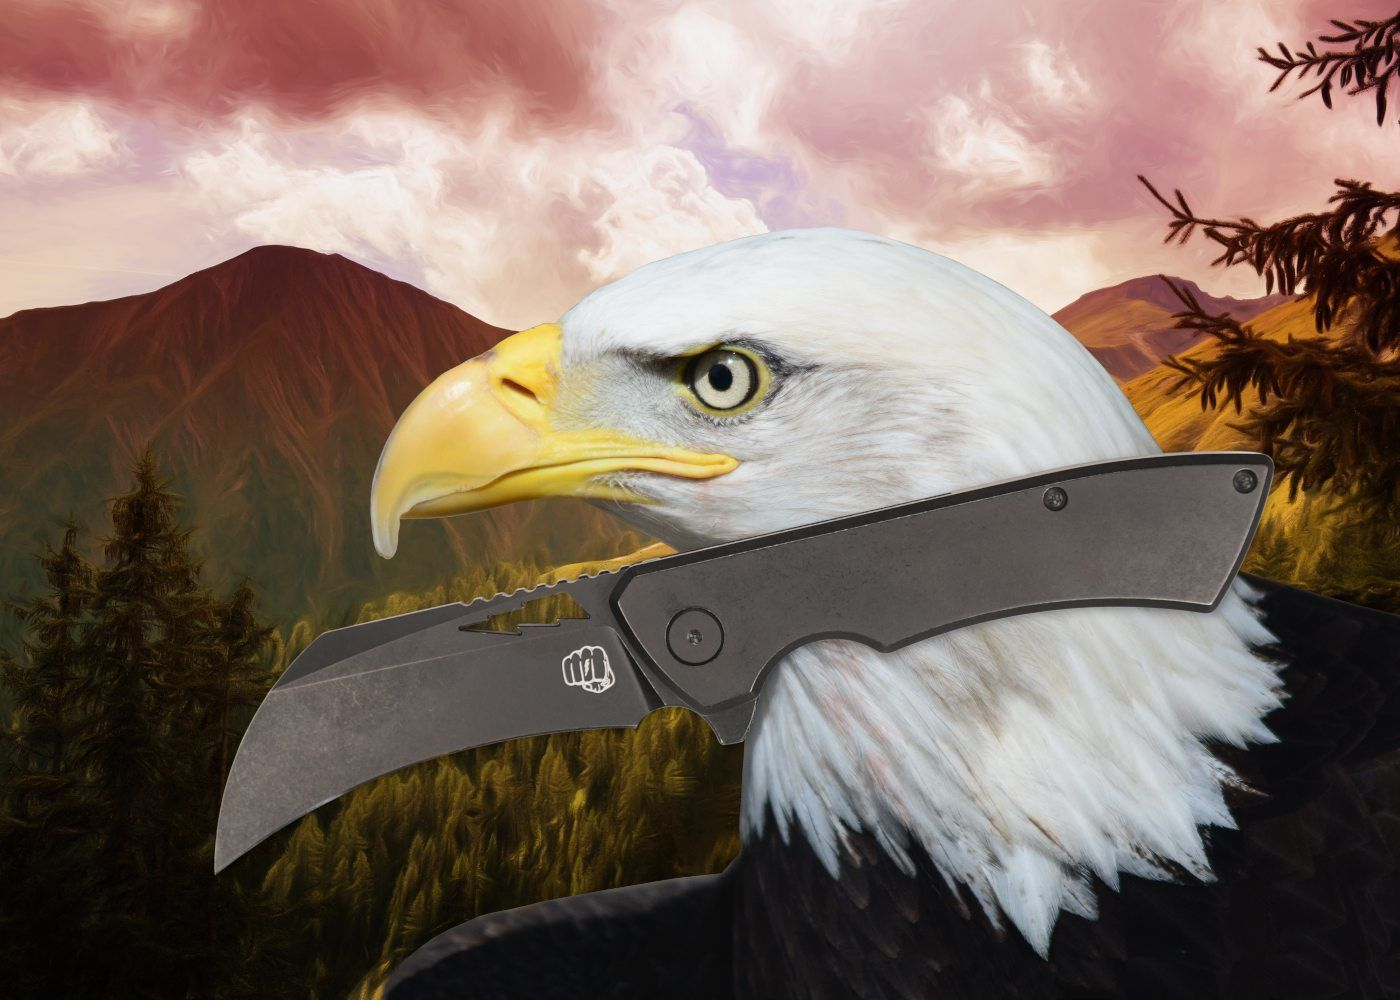 Hawkbill Klinge - Vorteile, Nachteile, Einsatzmöglichkeiten